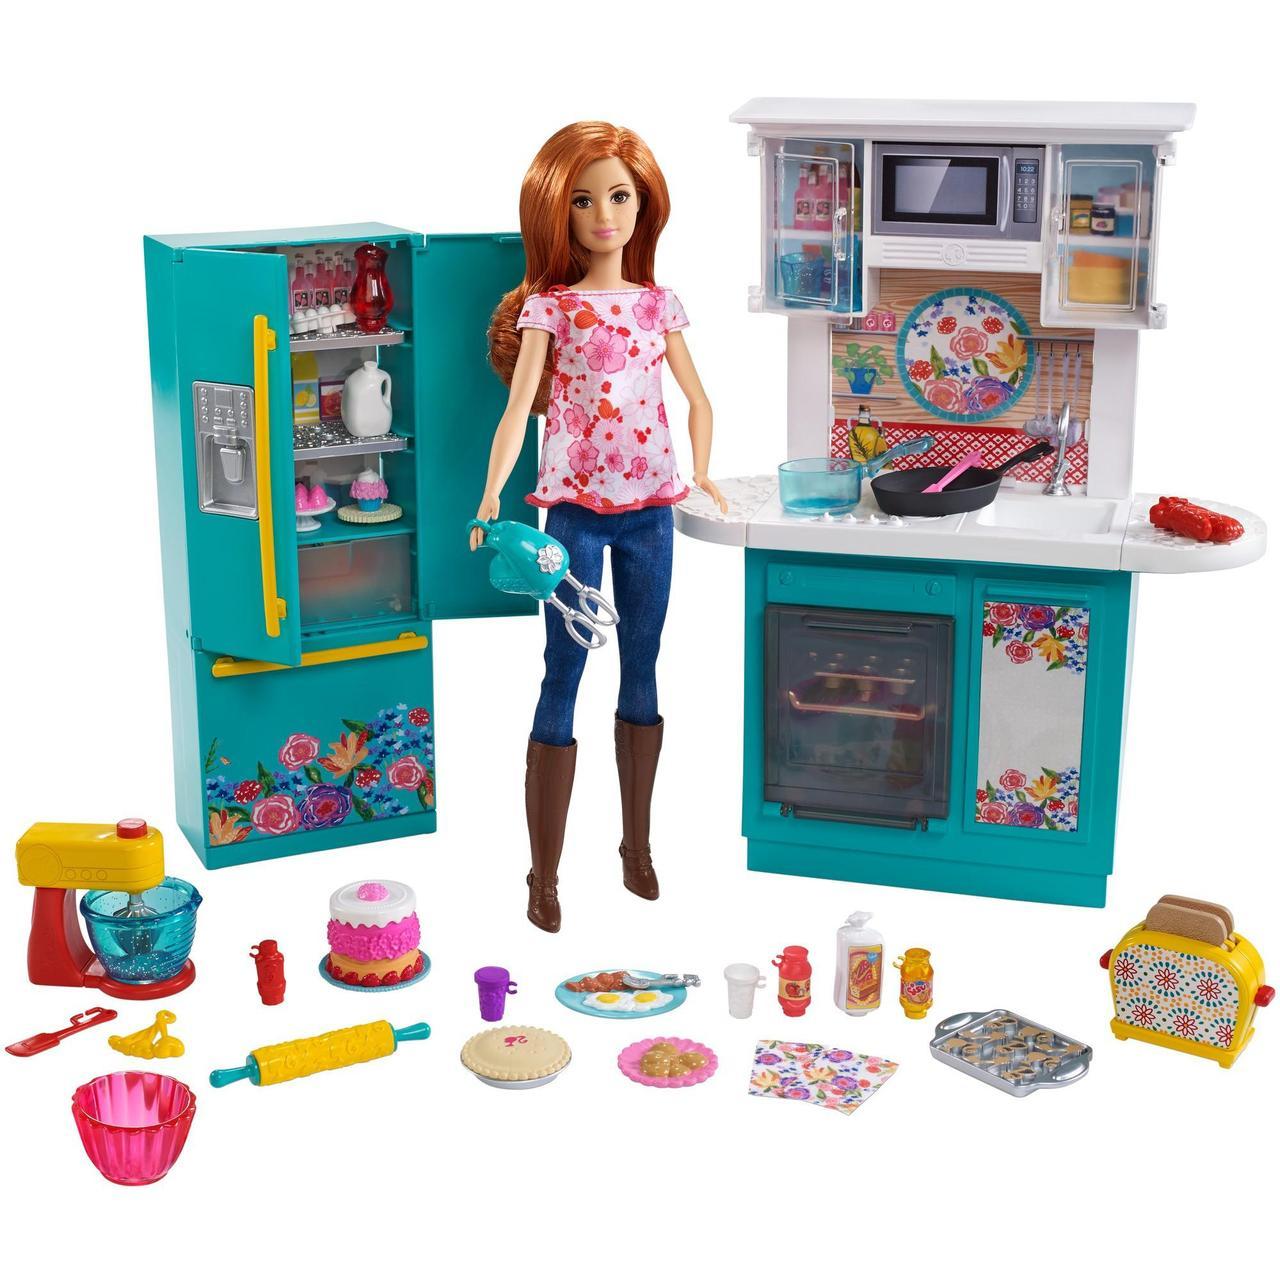 Игровой набор кухня Ри Драммонд и кукла Барби